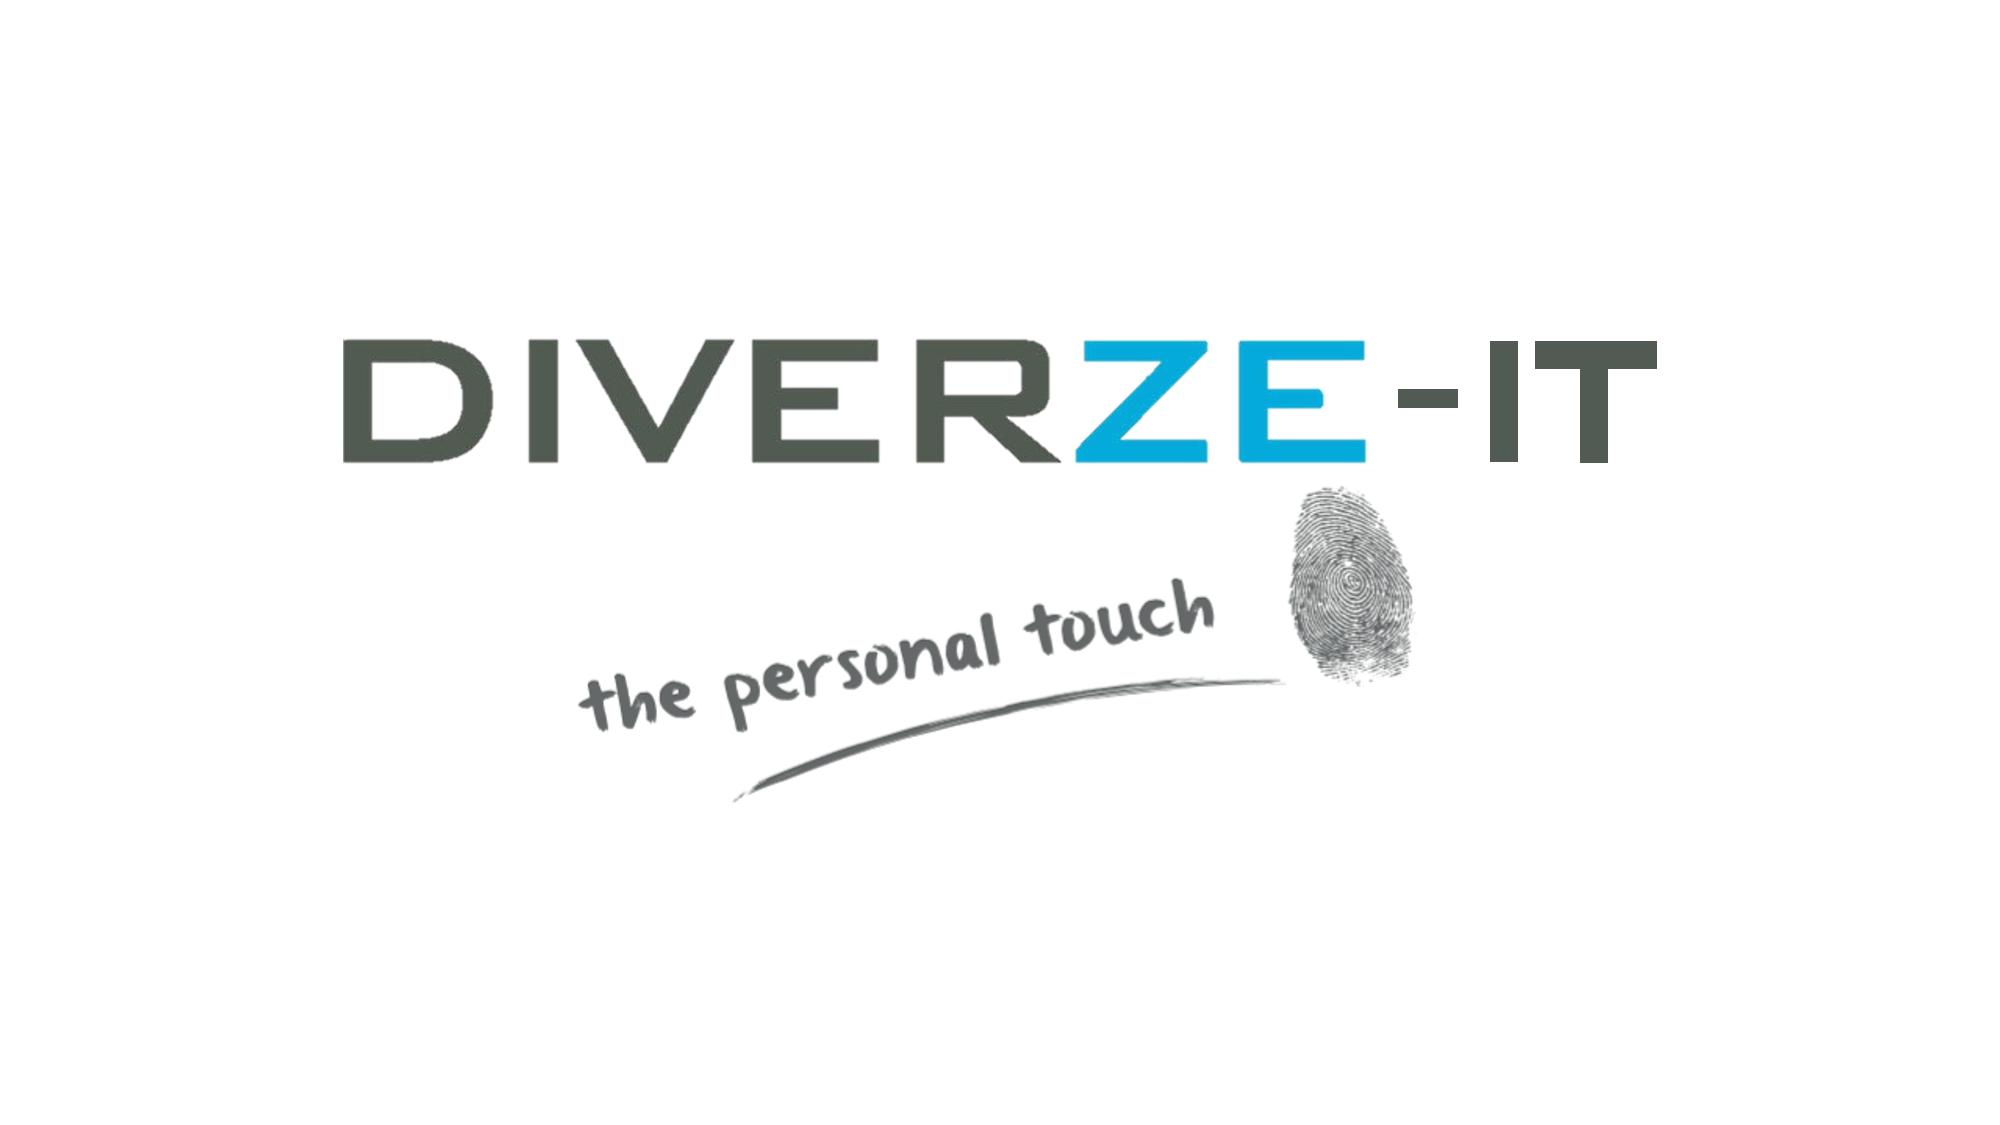 Diverze-IT